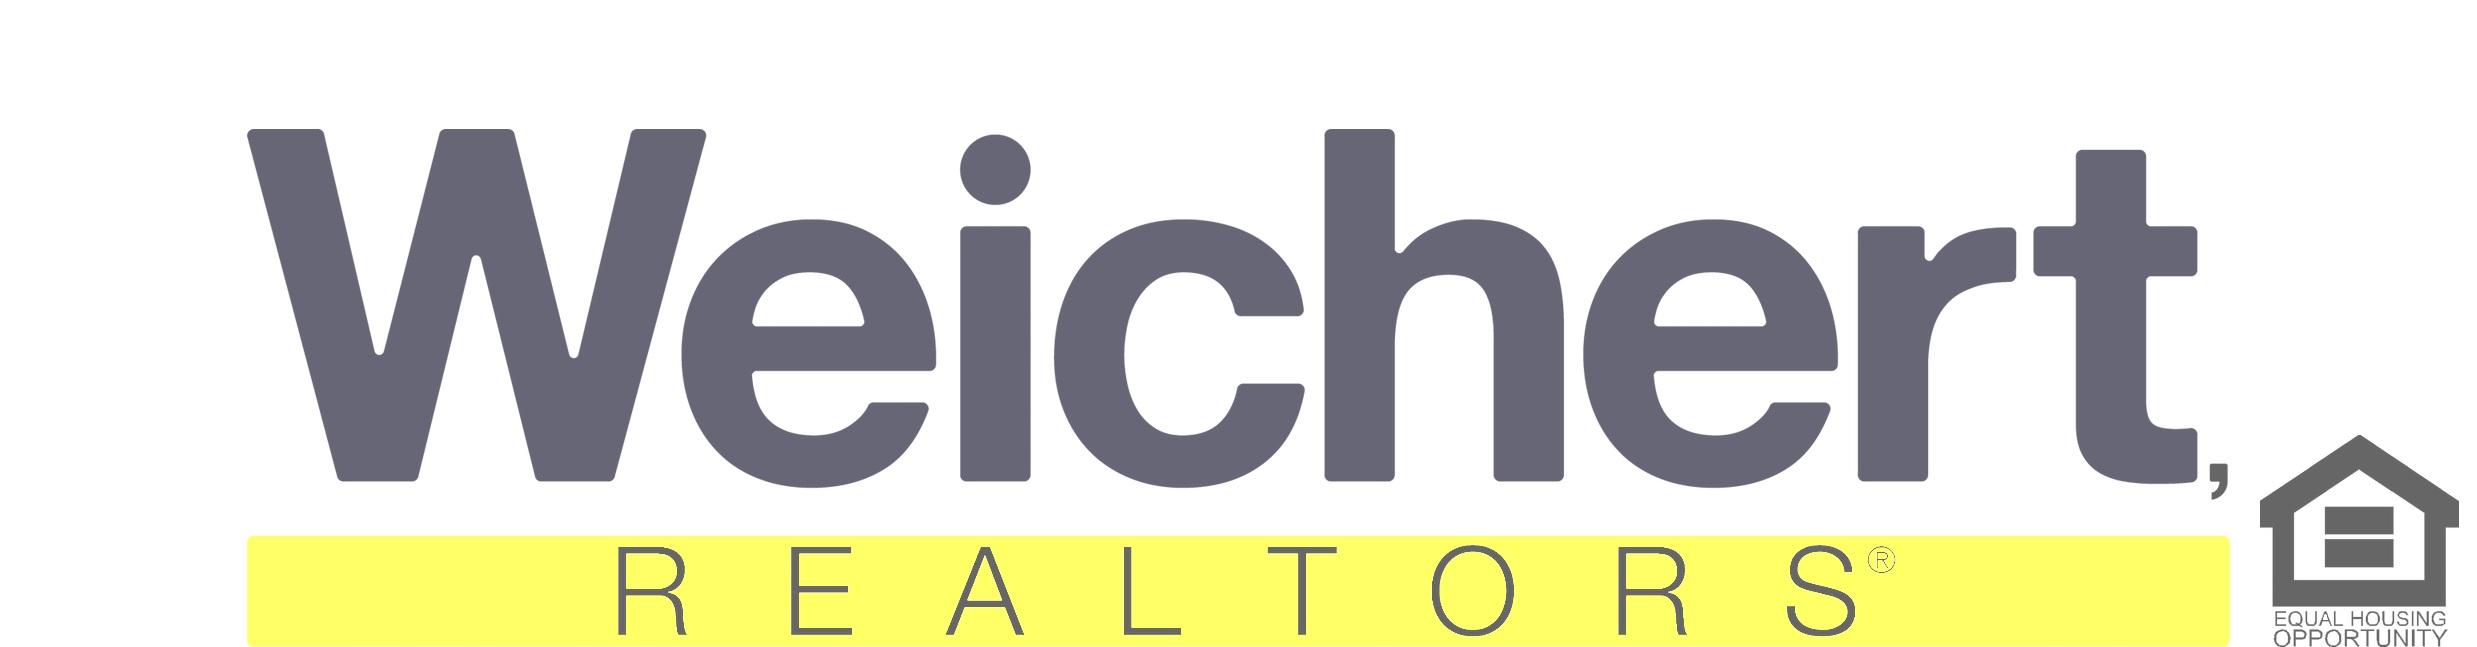 Weichert-Realtors-Centered-Bar-Logo-EHO.jpg